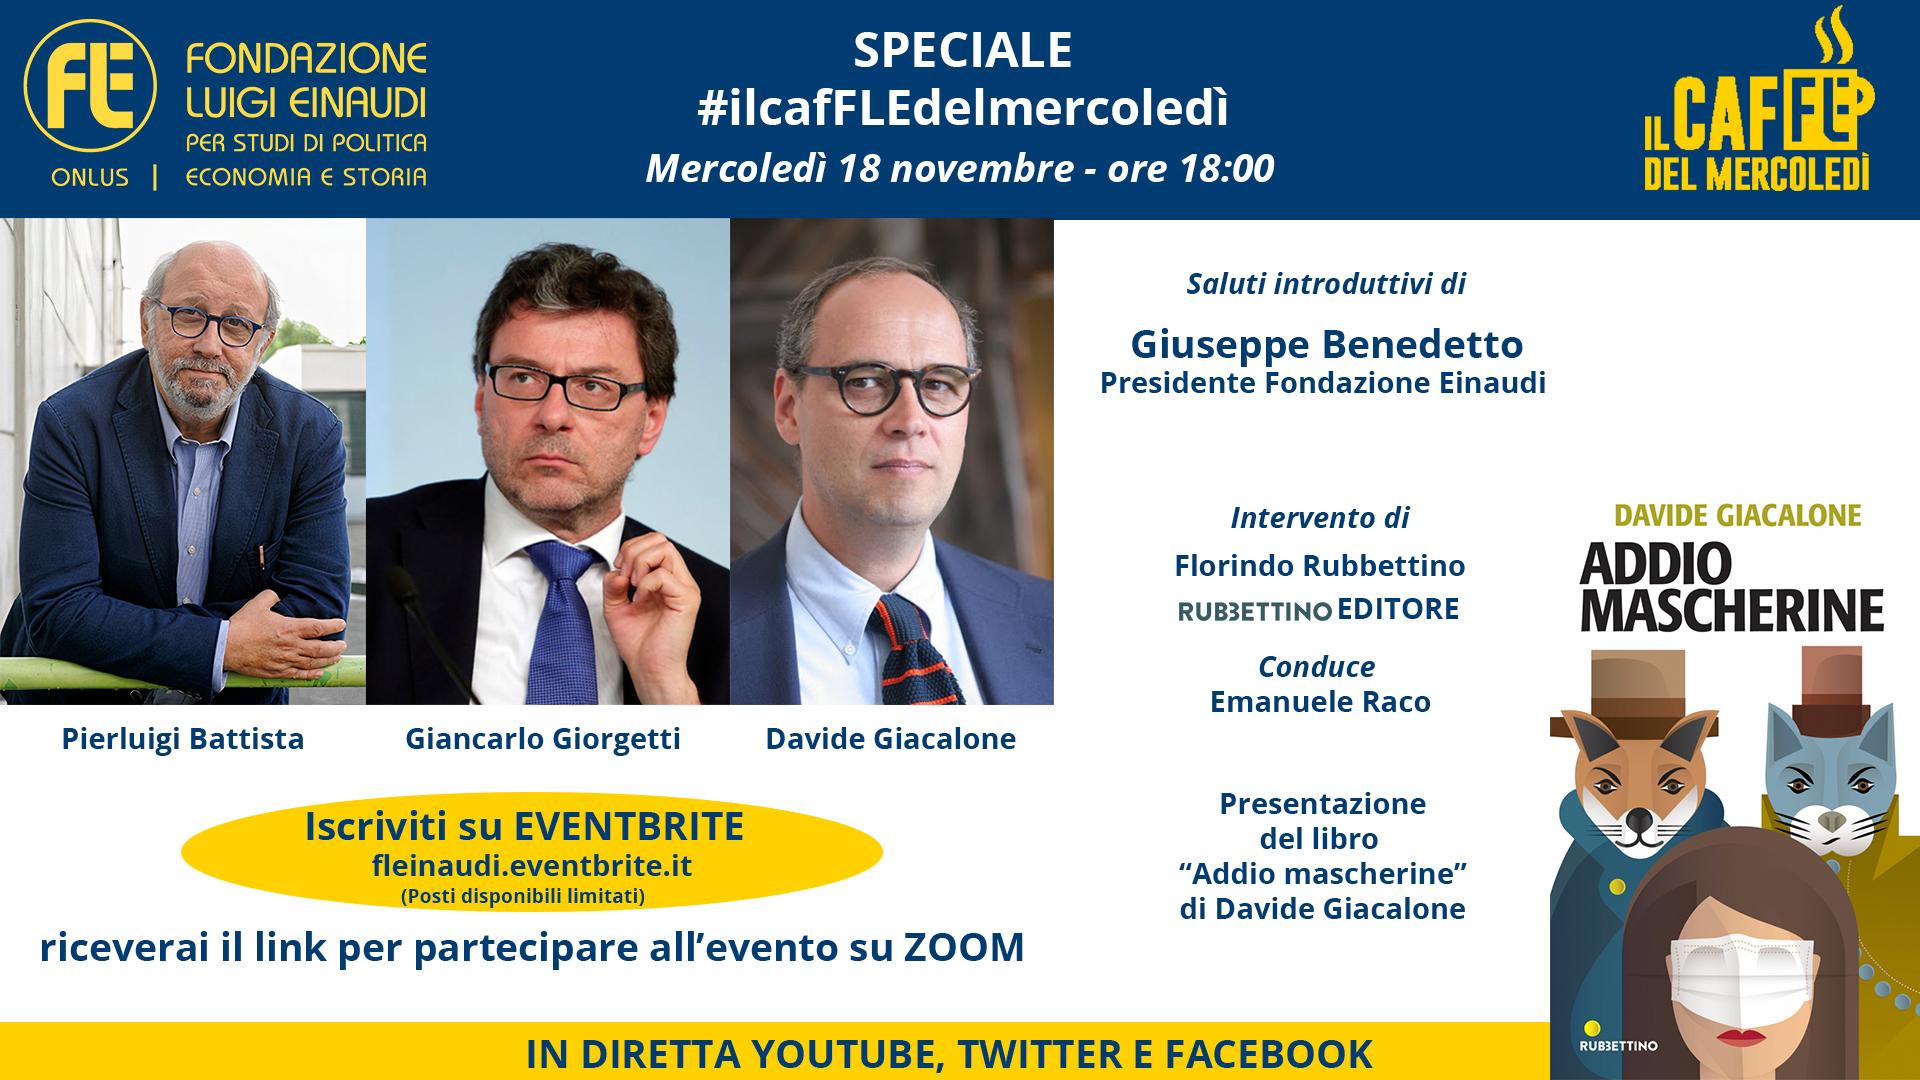 """#ilcafFLEdelmercoledì – Speciale presentazione del libro """"Addio mascherine"""" di Davide Giacalone. Insieme a Pierluigi Battista e Giancarlo Giorgetti"""